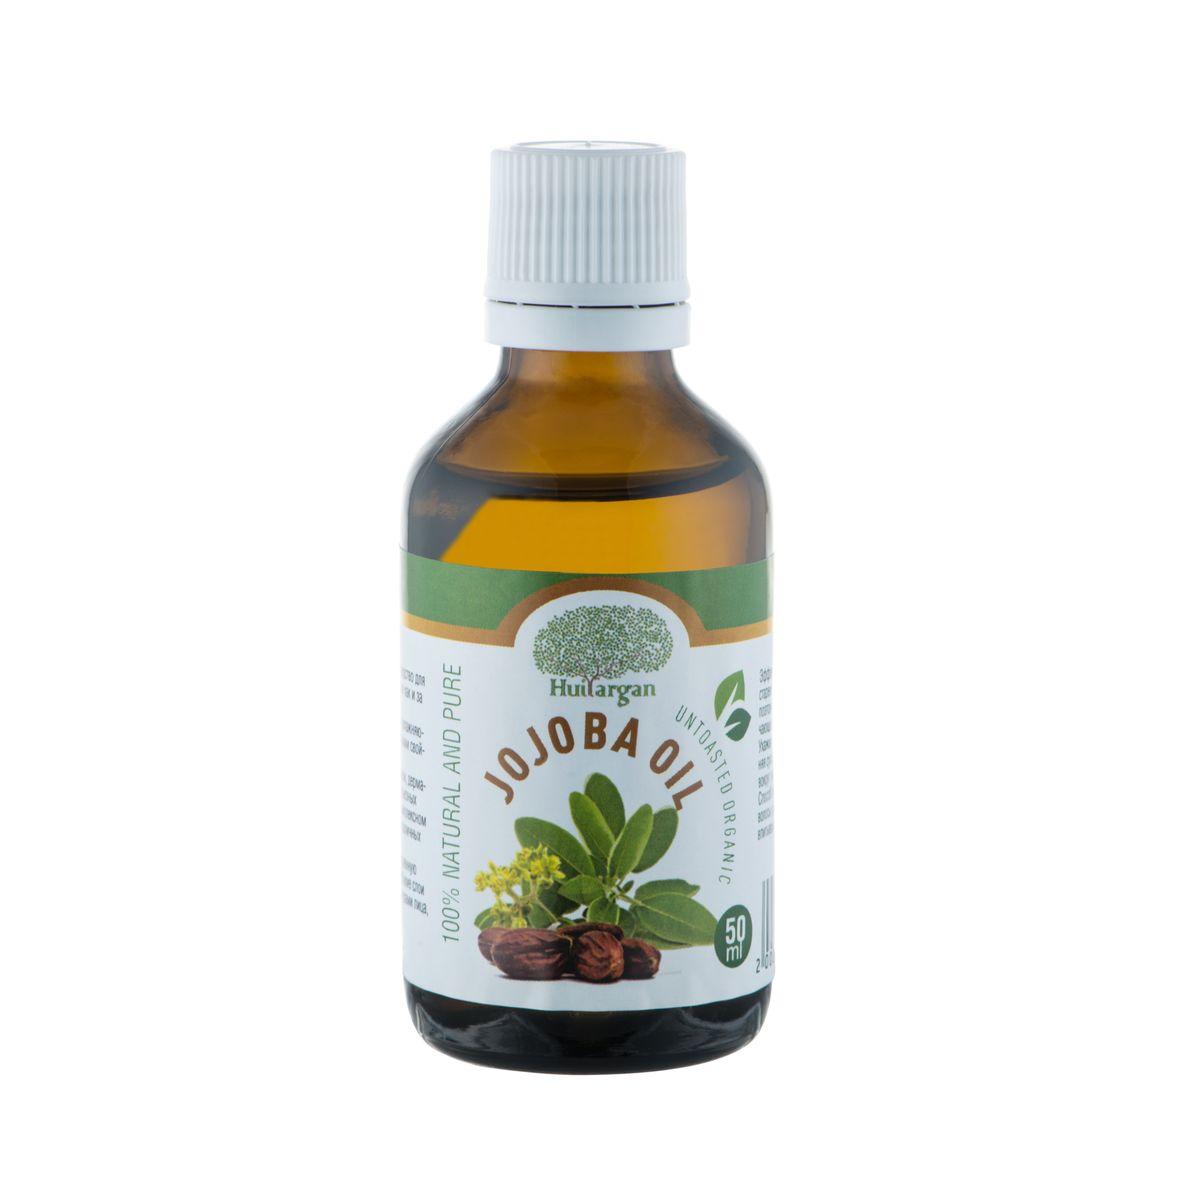 Huilargan Масло жожоба, 100% органическое, 50 мл4650001791481Масло жожоба (Jojoba oil) – 'то идеальное средство для ежедневного ухода за кожей всех типов, также как и за волосами любой структуры и типов. Оно обладает высокими регенерирующими, увлажняющими, противовоспалительными и смягчающими свойствами. Богато витамином Е. Отличная проникающая способность масла обеспечивает полное всасывание в кожу и волосы, поэтому оно не оставляет на лице и волосяных стволах жирного блеска.Масло жожоба применяется при лечении экзем, дерматитов, нейродермитов, псориаза и других серьезных кожных проблемах – в лечебных мазях.В комплексном лечении акне, фурункулов, угревой сыпи и различных воспалений и высыпаний на коже.Сухую, пересушенную, шелушащуюся и воспаленную кожу оно увлажняет и питает, проникая в глубокие слои кожи, идеально ухаживая за кожными структурами лица, шеи, груди и декольте. Эффективно разглаживает морщины при дряблой, стареющей коже.Прекрасное средство после бритья, поэтому его рекомендуется использовать как смягчающее средство после травмирующего кожу бритья.Ухаживает за губами, увлажняя их. Исчезает излишняя сухость губ, трещинки и шелушение на губах и вокруг них.